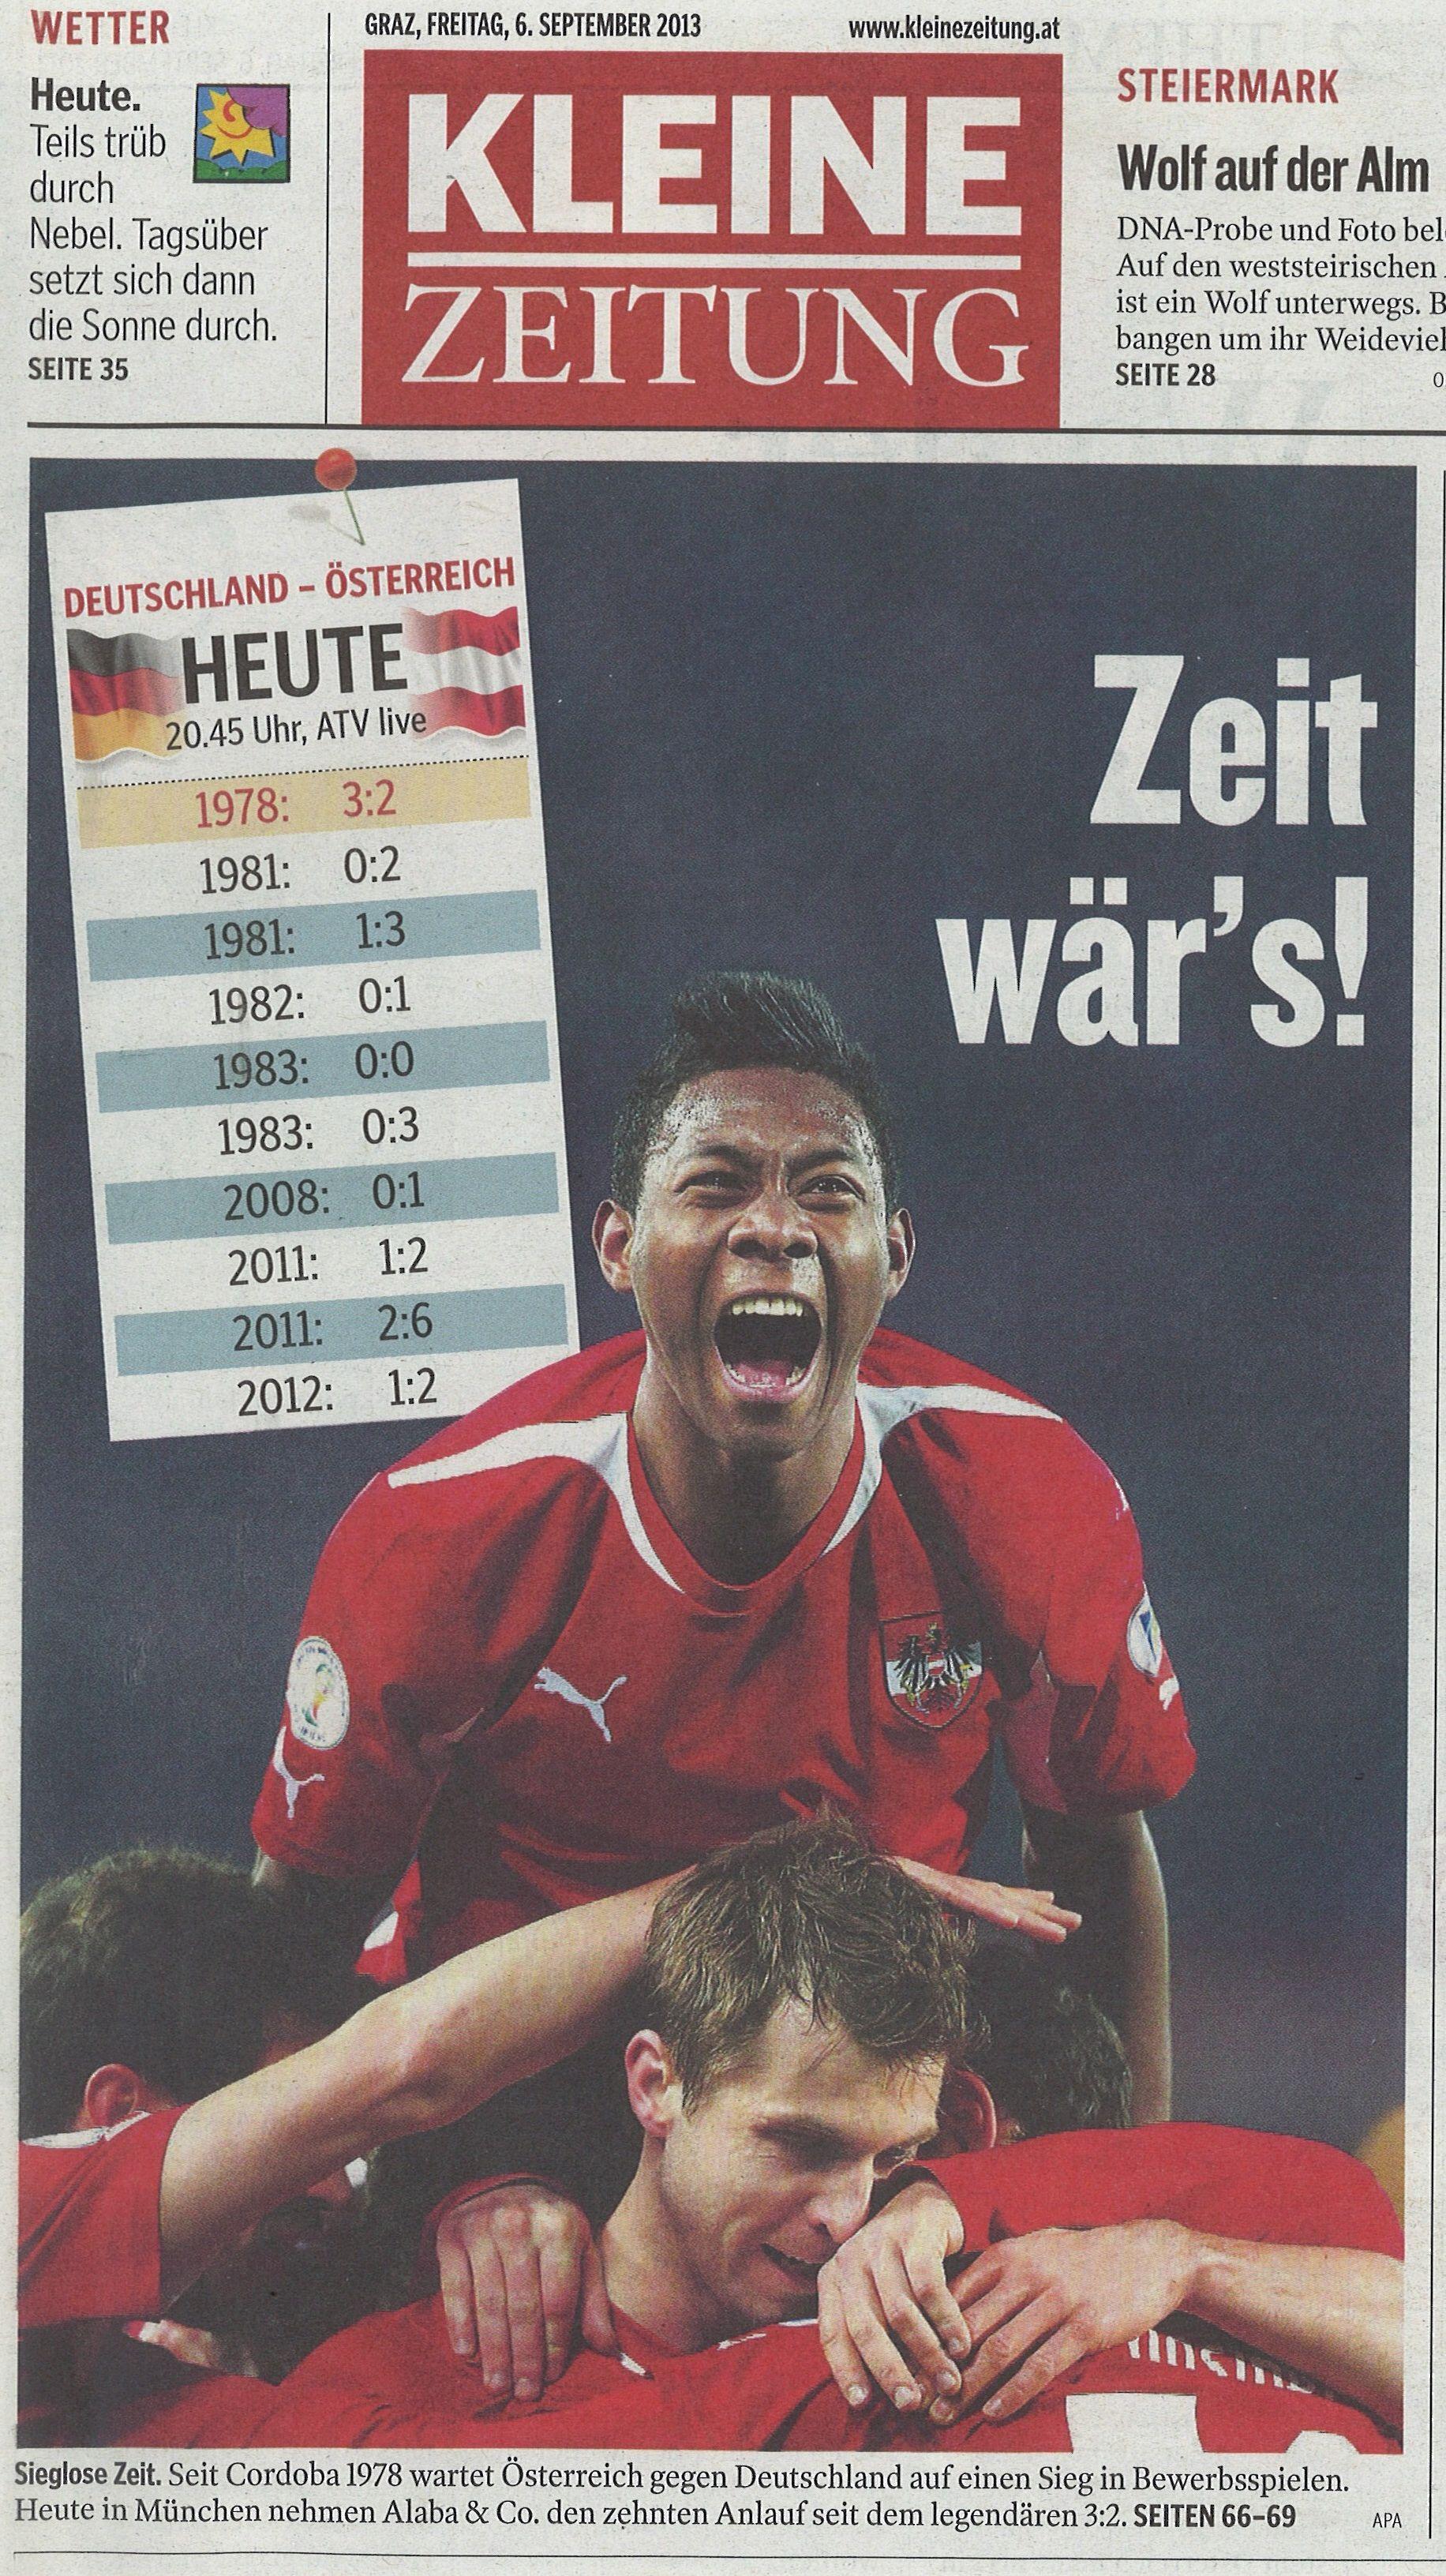 'Zeit wär's!' Netter Aufmacher der 'Kleinen Zeitung' zum heutigen Match Deutschland : Oesterreich #autvsger #Fussball